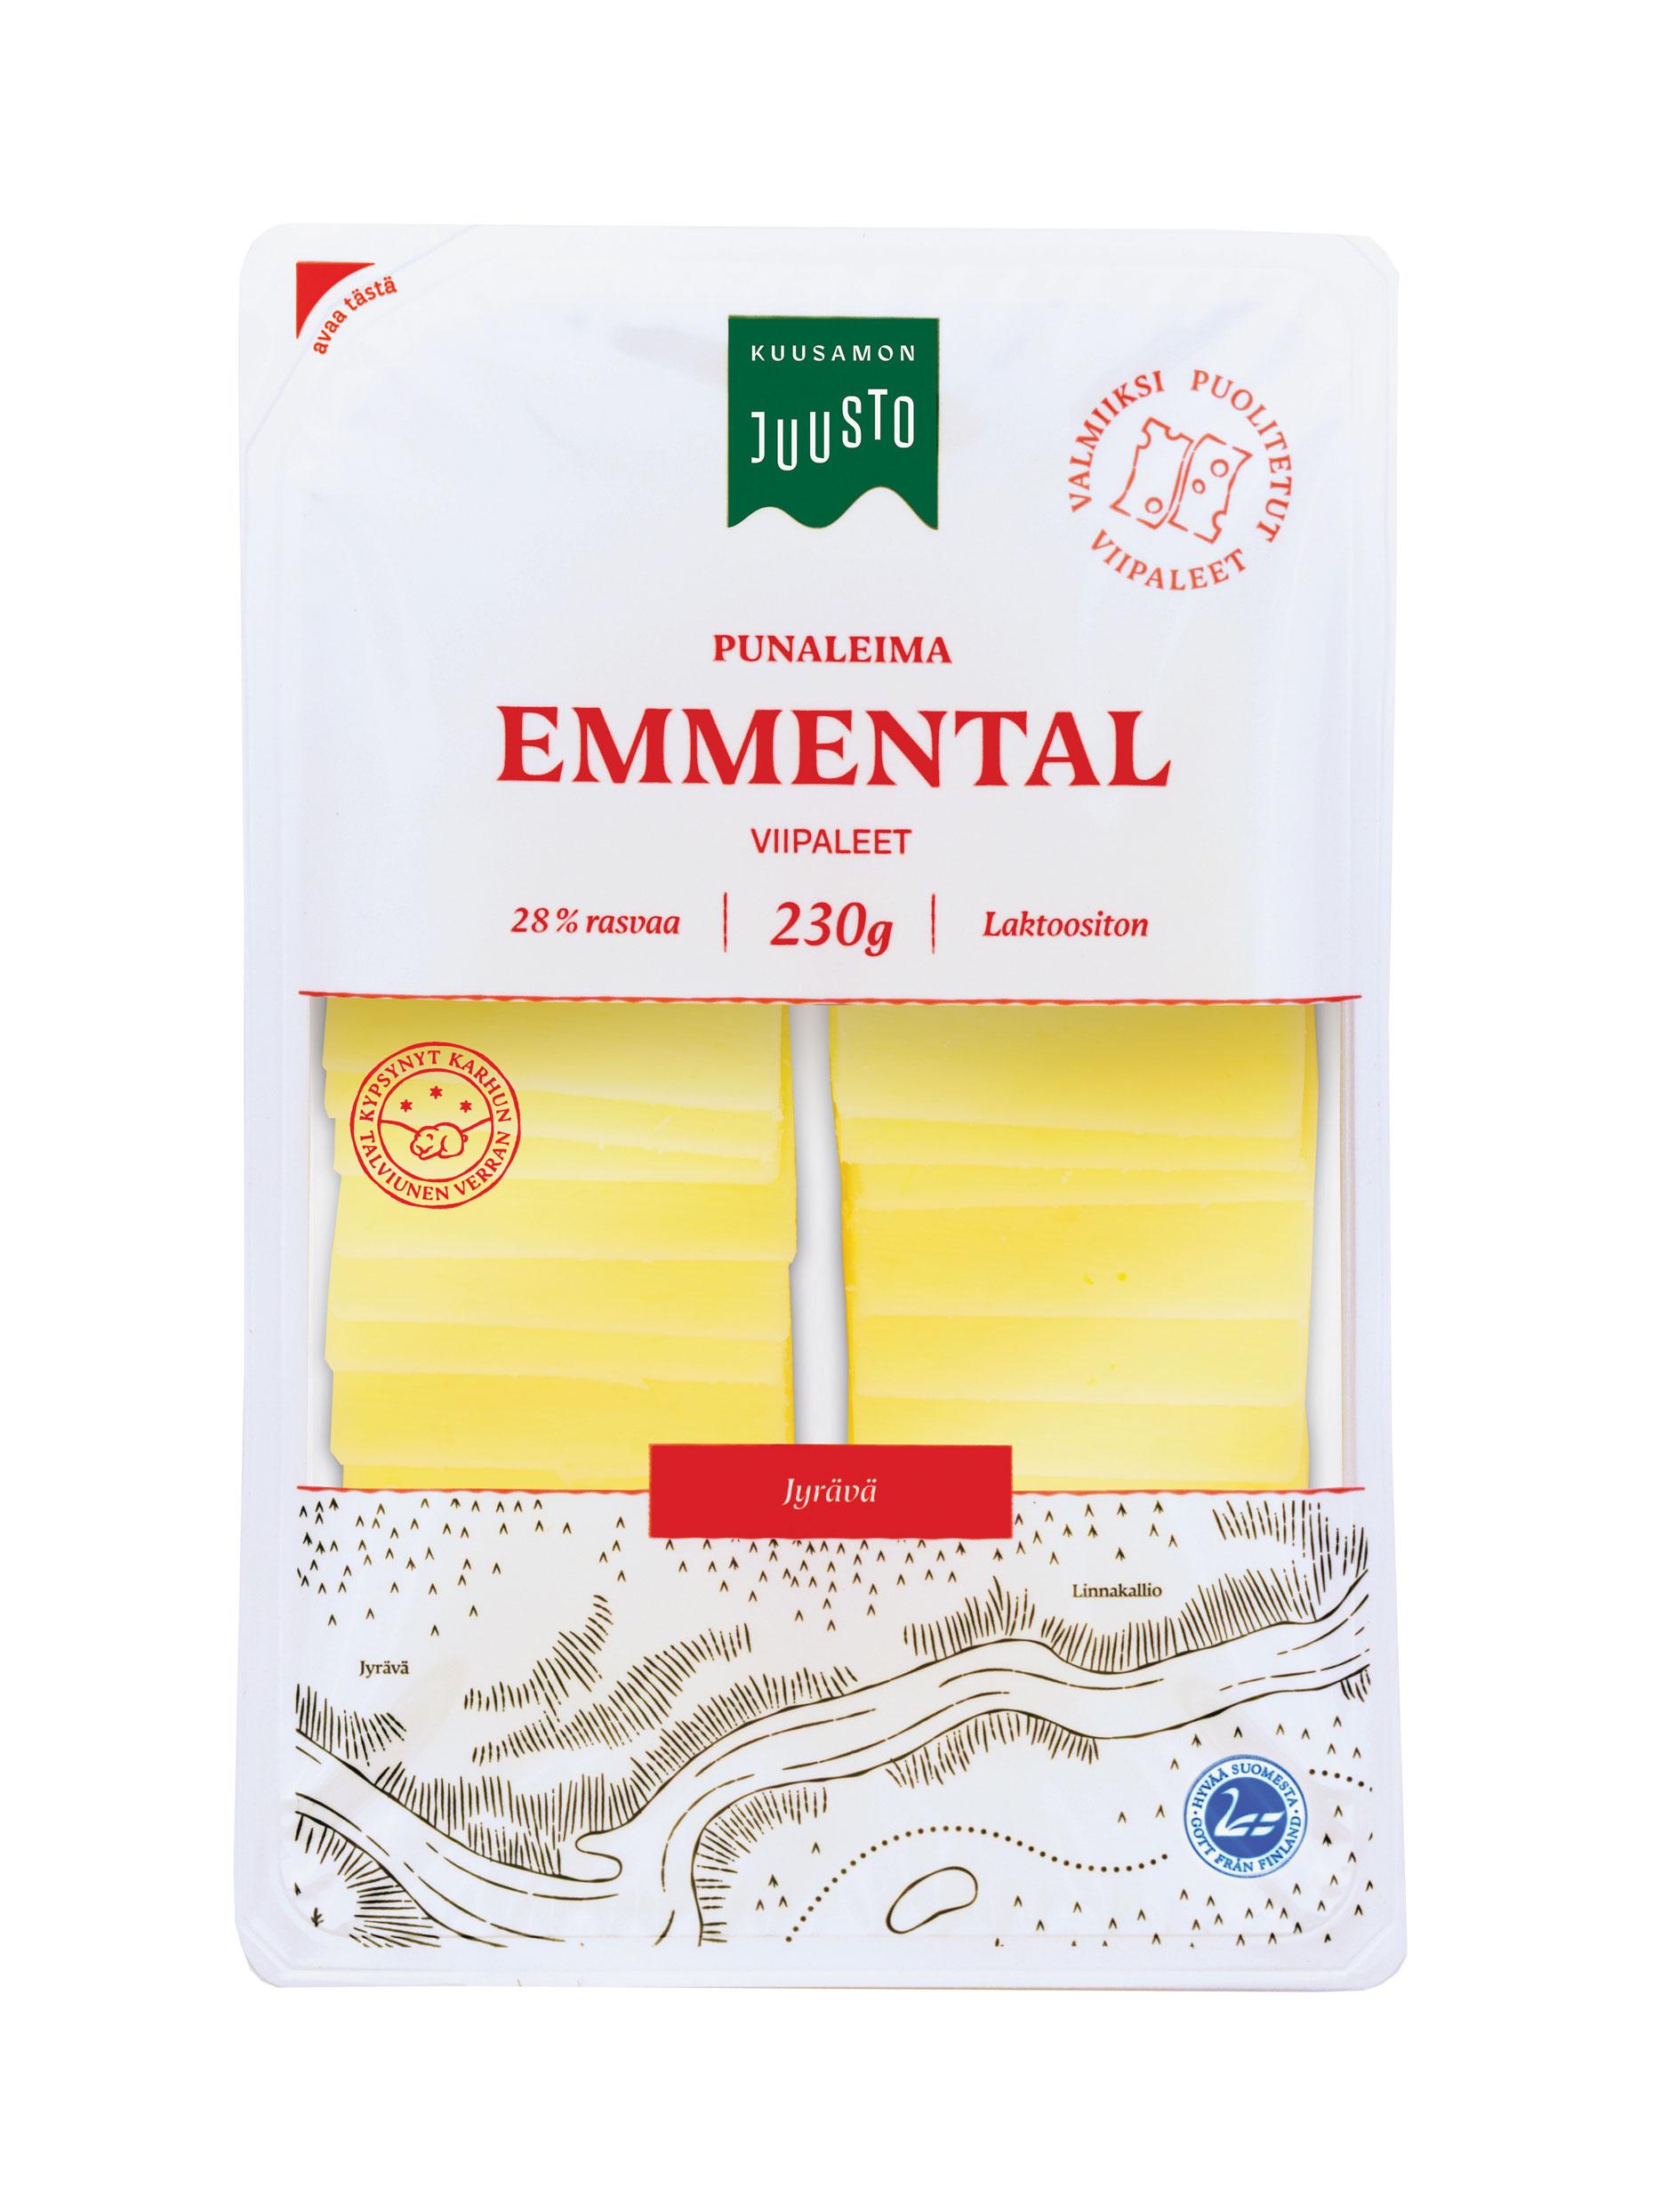 kuusamon-juusto-punaleima-emmental-viipaleet-pv-230.jpg